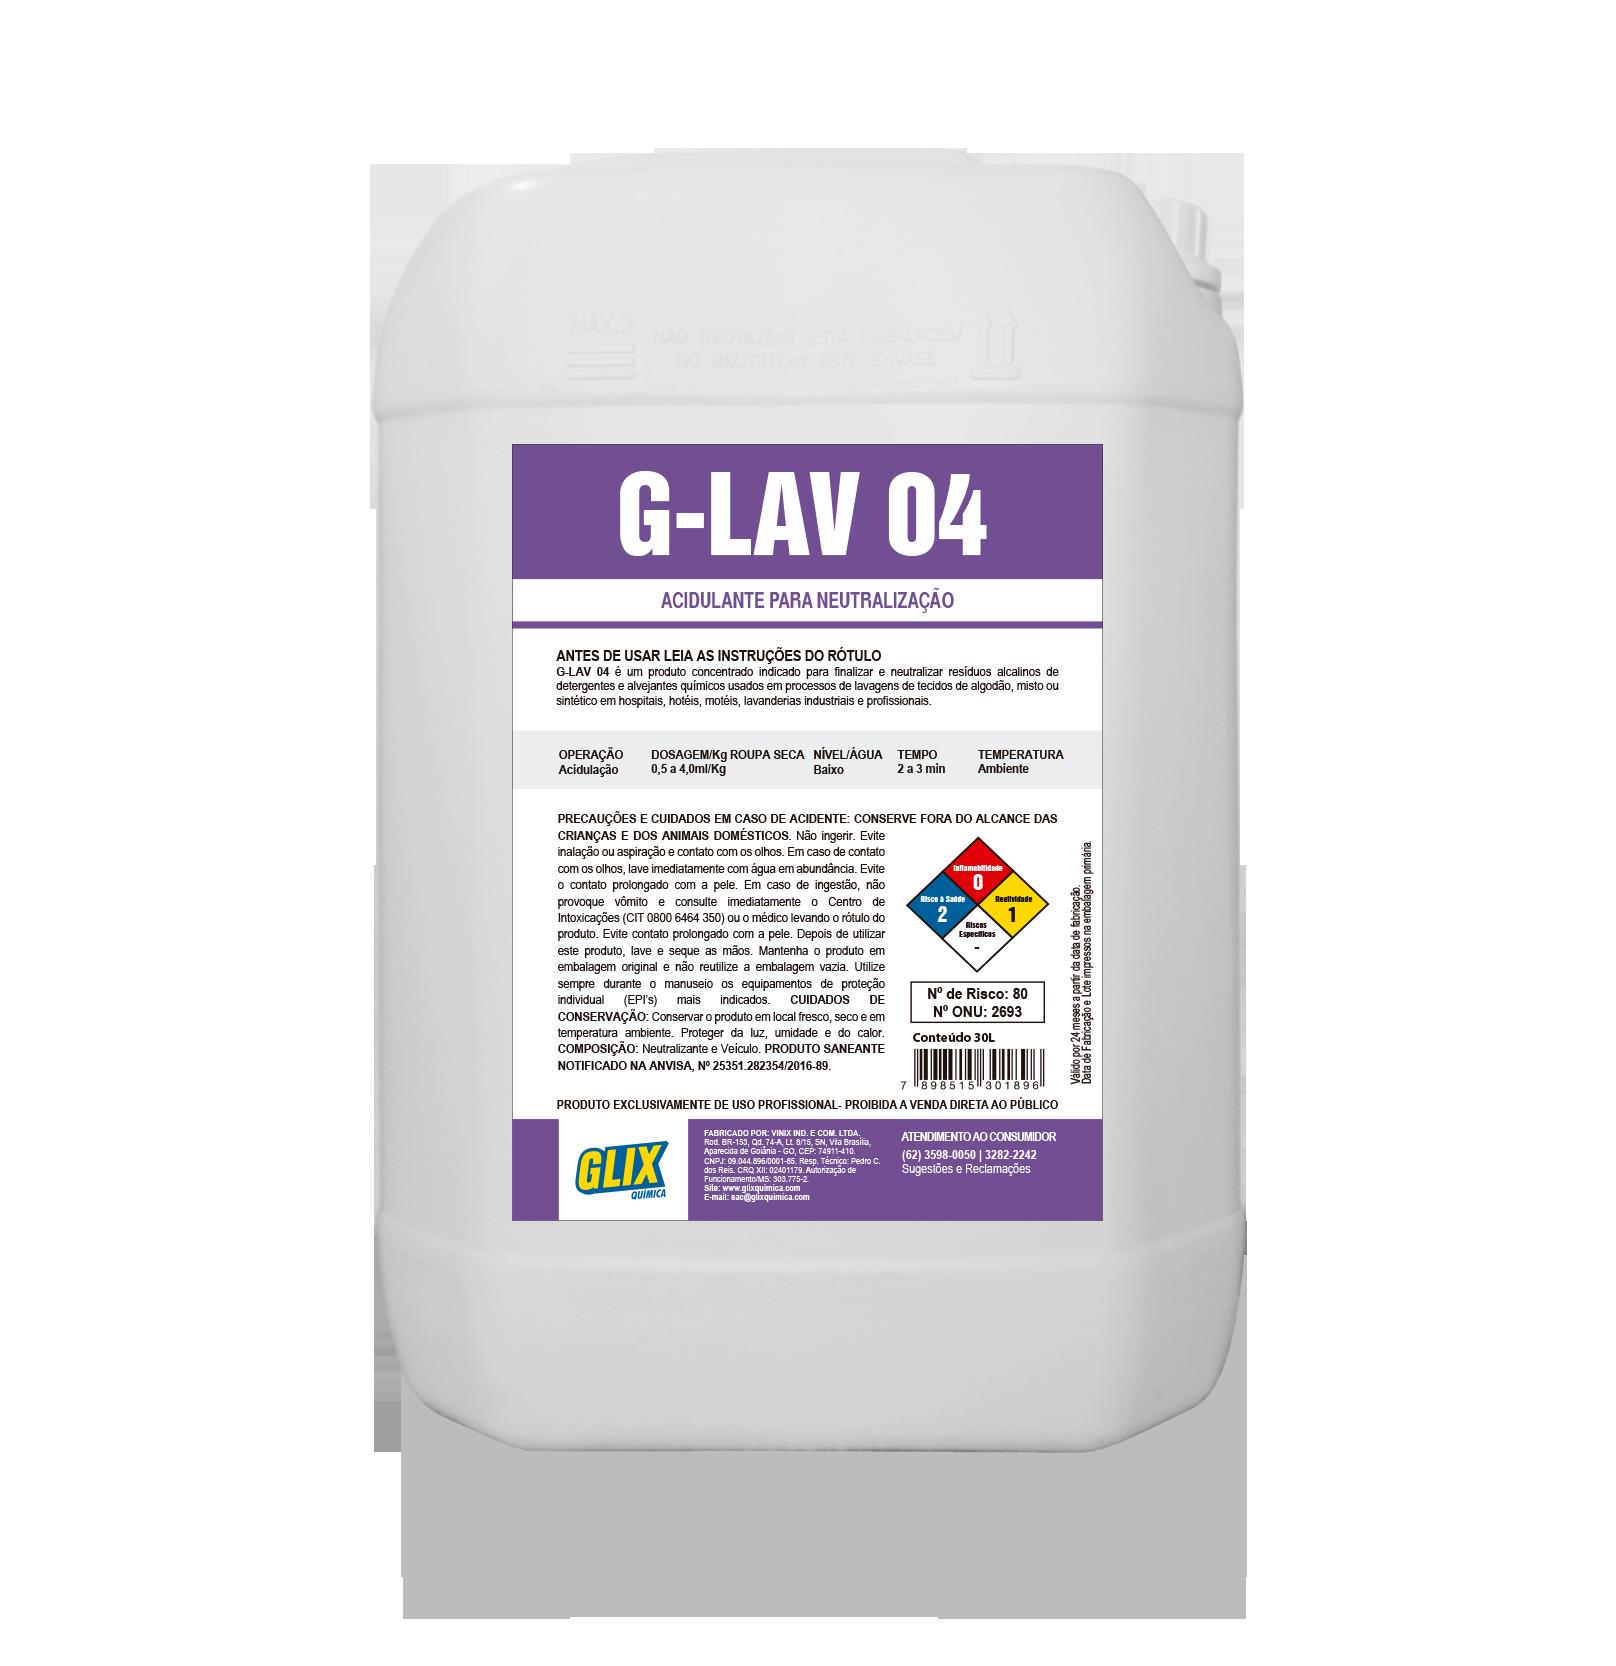 G-LAV 04